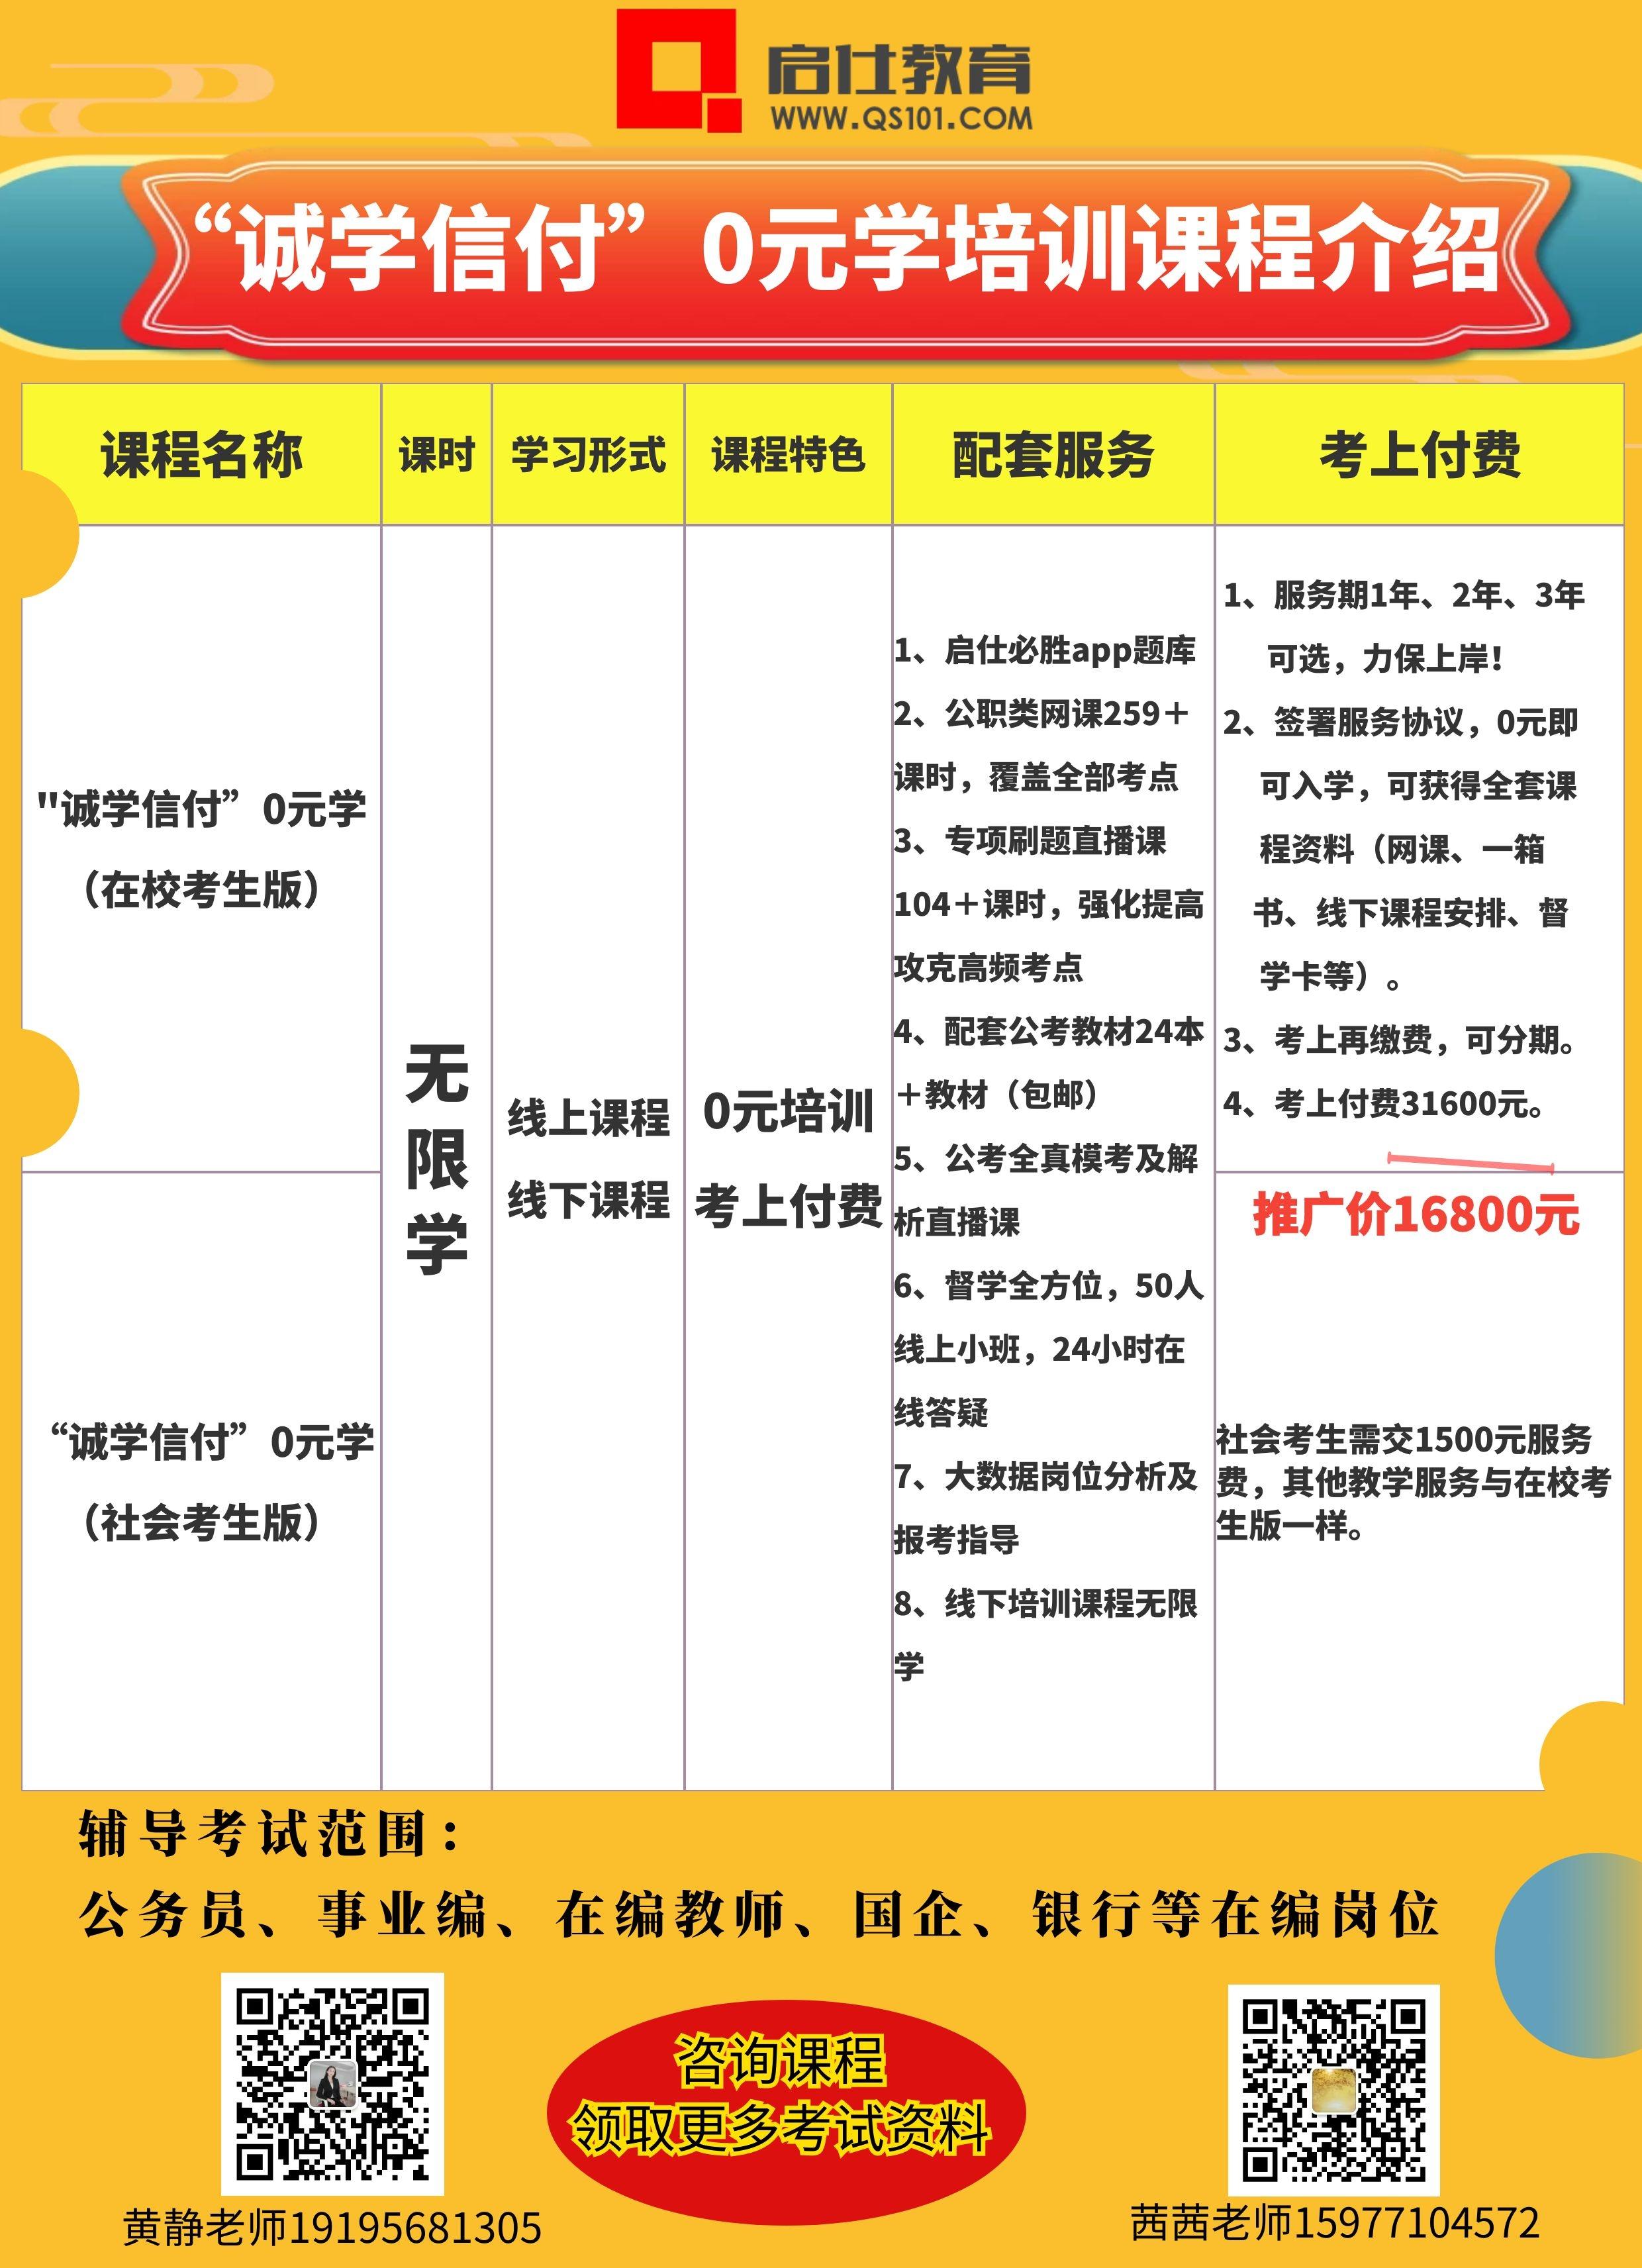 2021广西南宁中小学教师考试招聘3163人公告